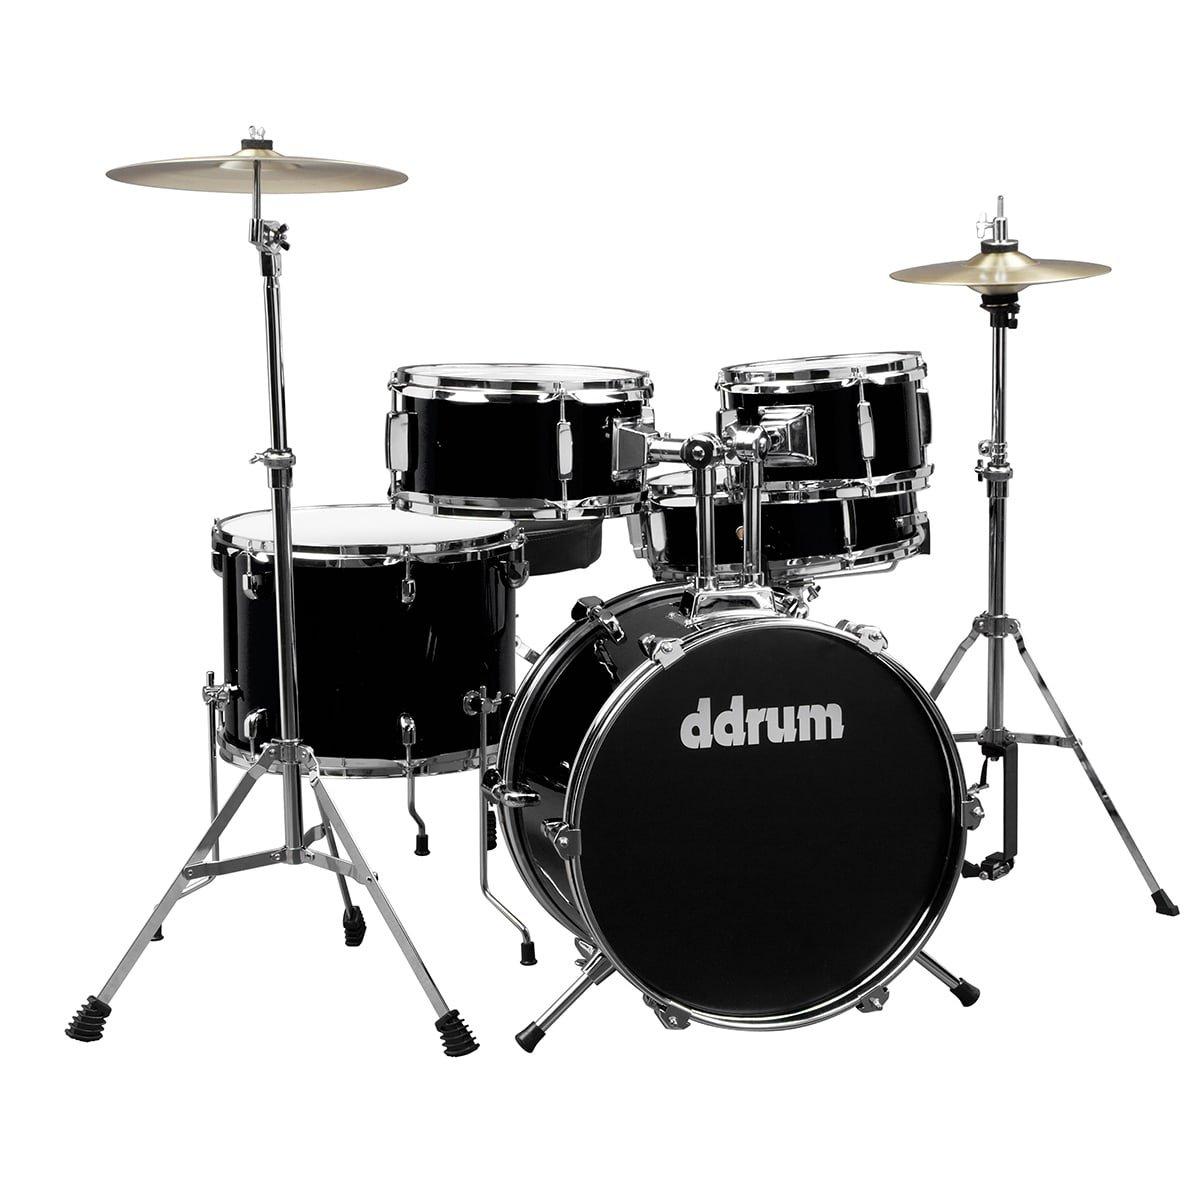 Ddrum D1 Complete Junior 5 pc. Drum Set - Midnight Black